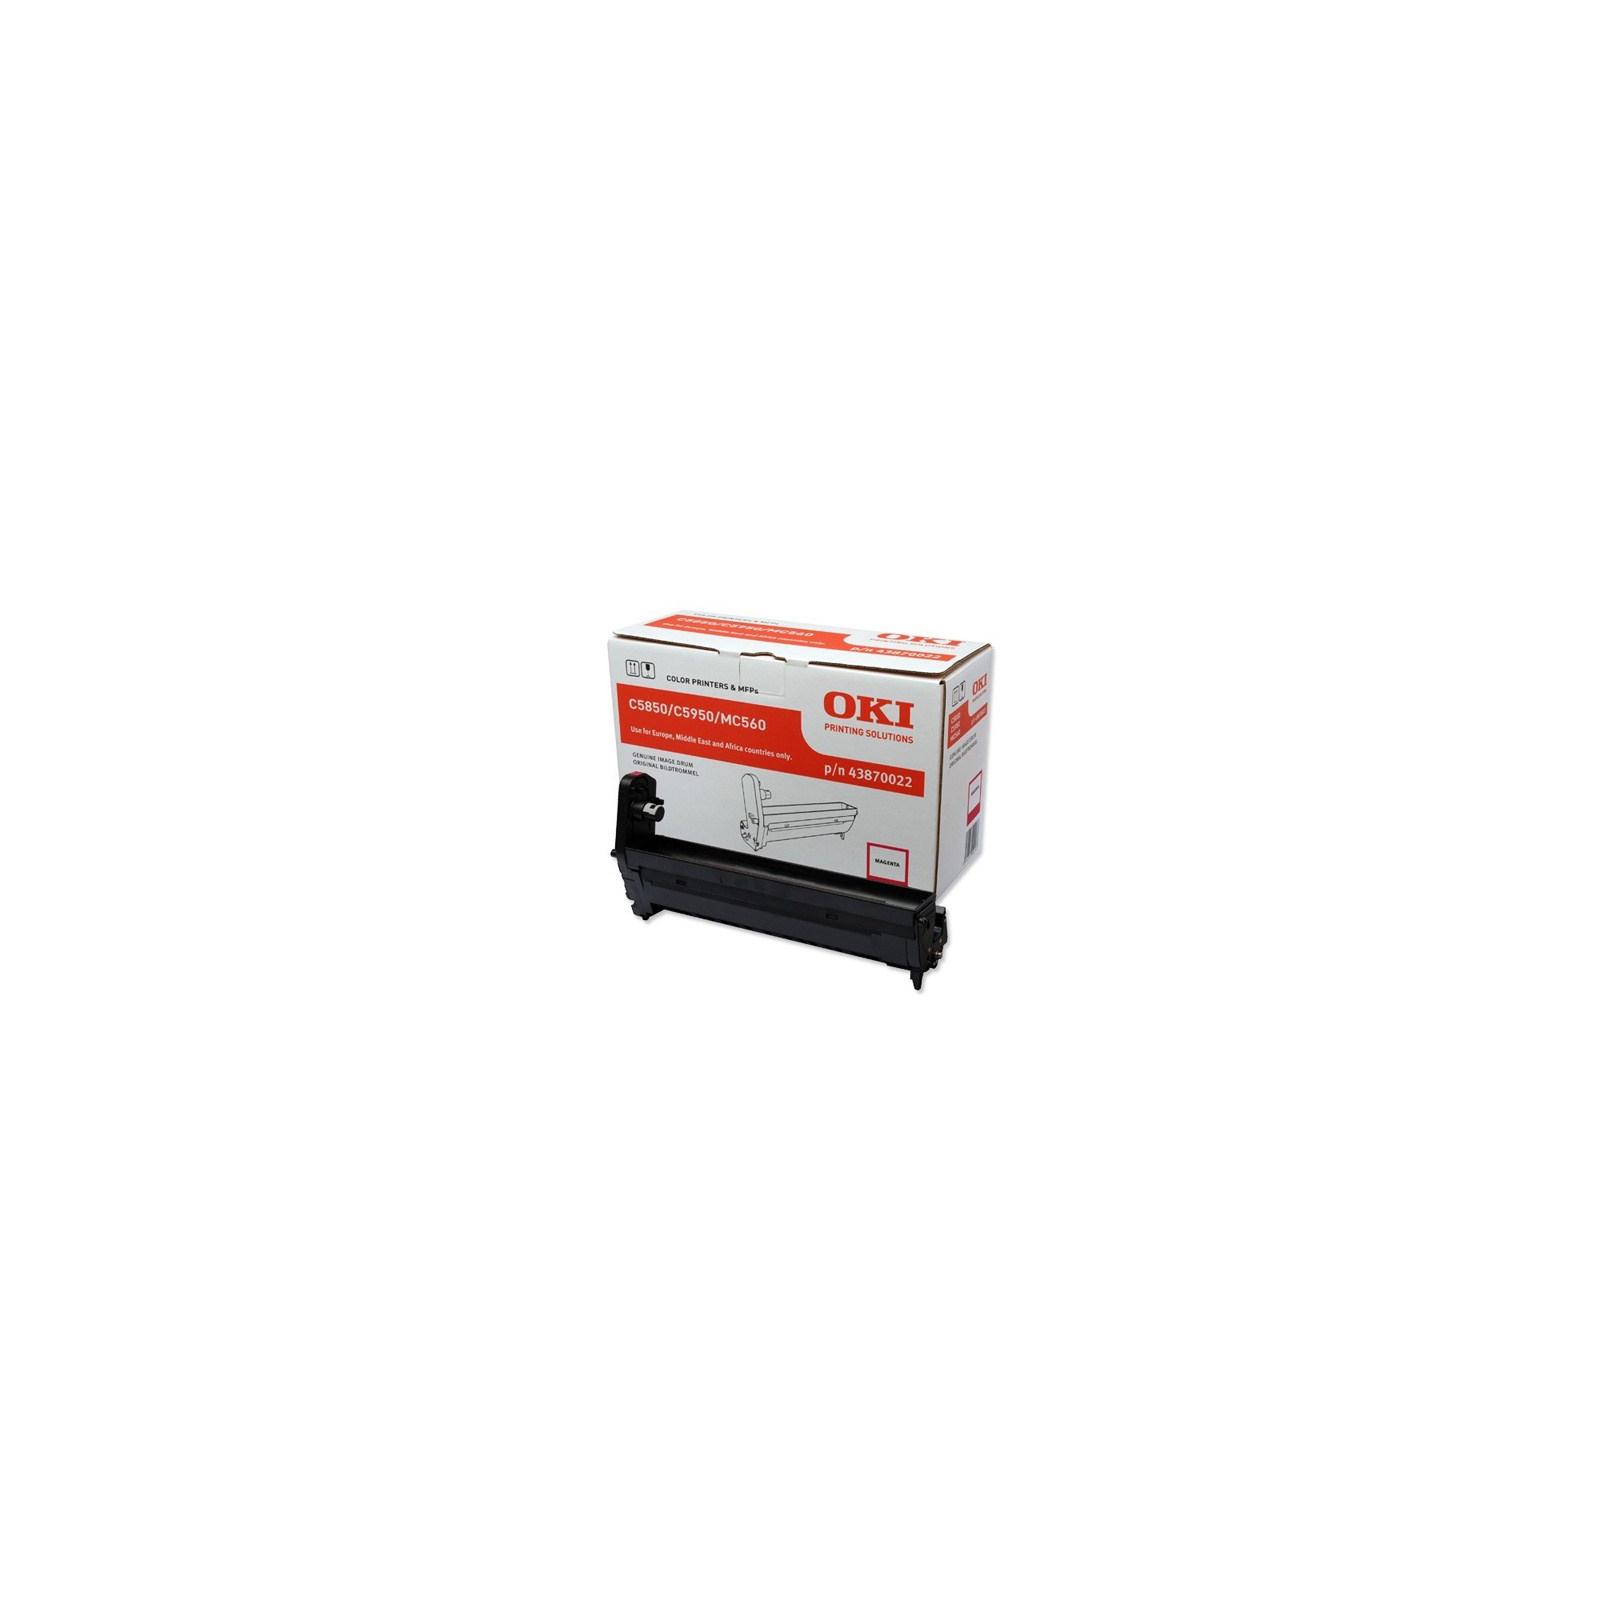 Фотокондуктор OKI C5850/5950 Magenta (43870022)